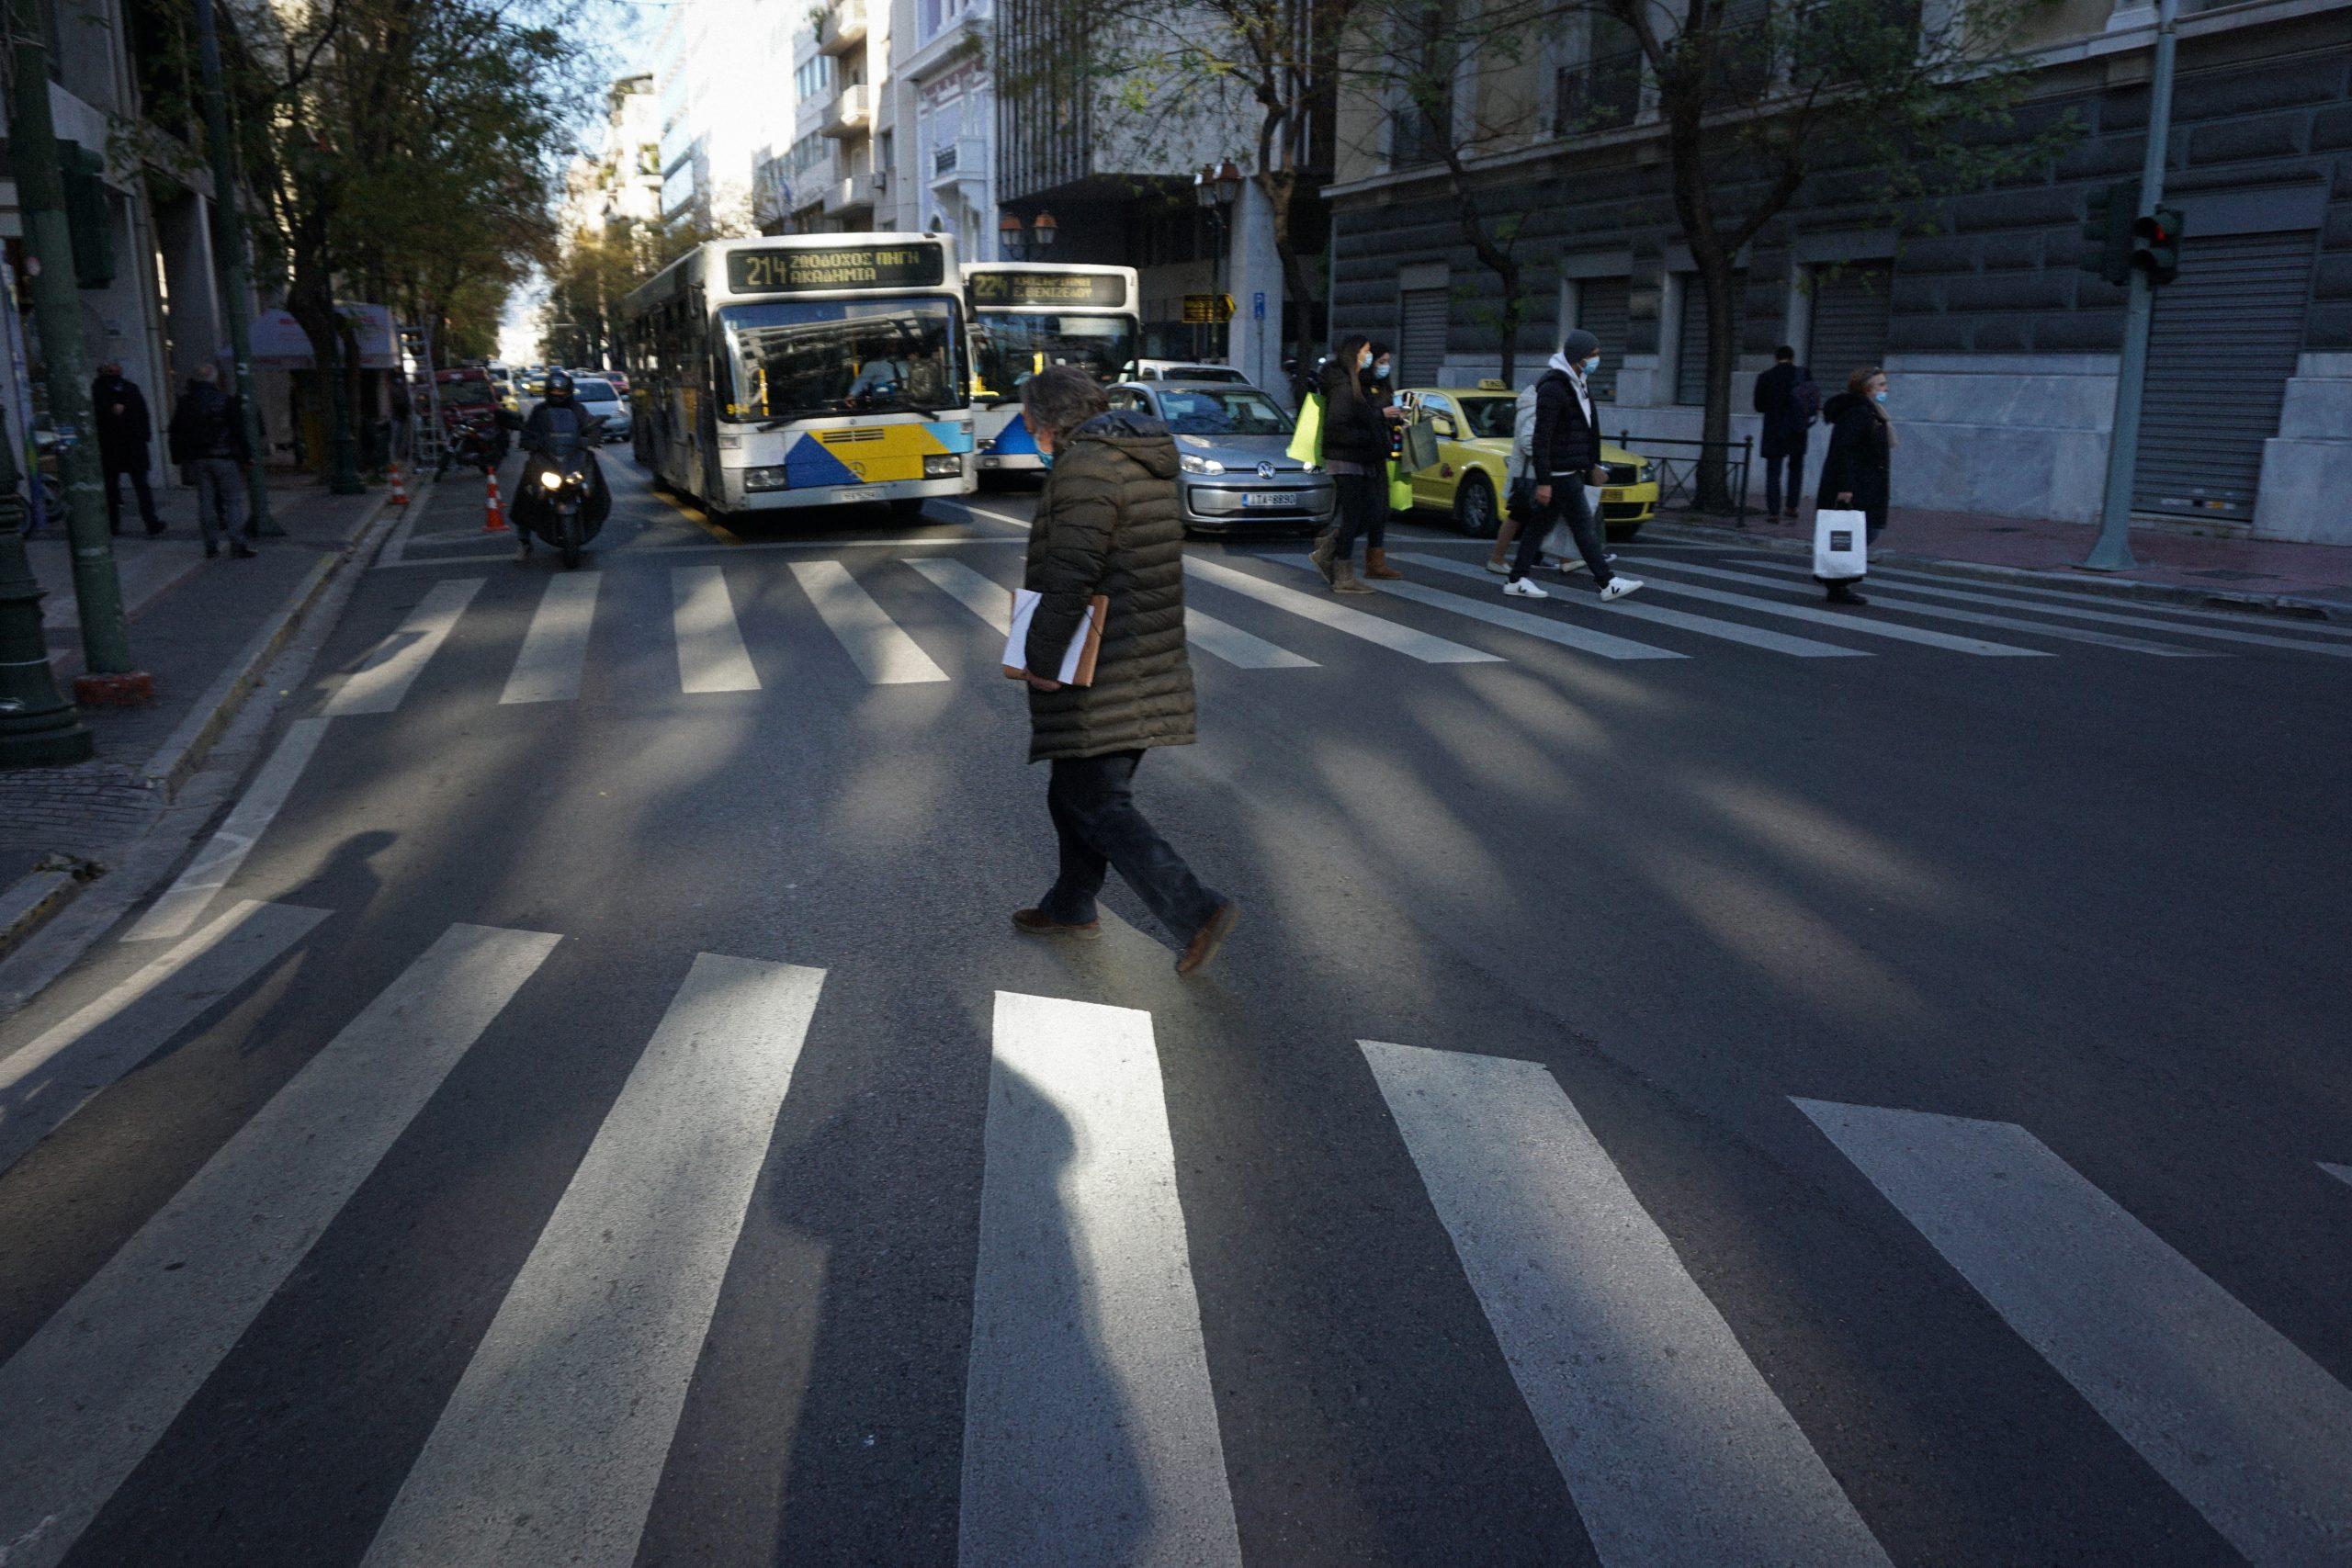 Κορωνοϊός μέτρα κρούσματα: Σκέψεις για ολικό lockdown σε Θεσσαλονίκη και Αχαΐα